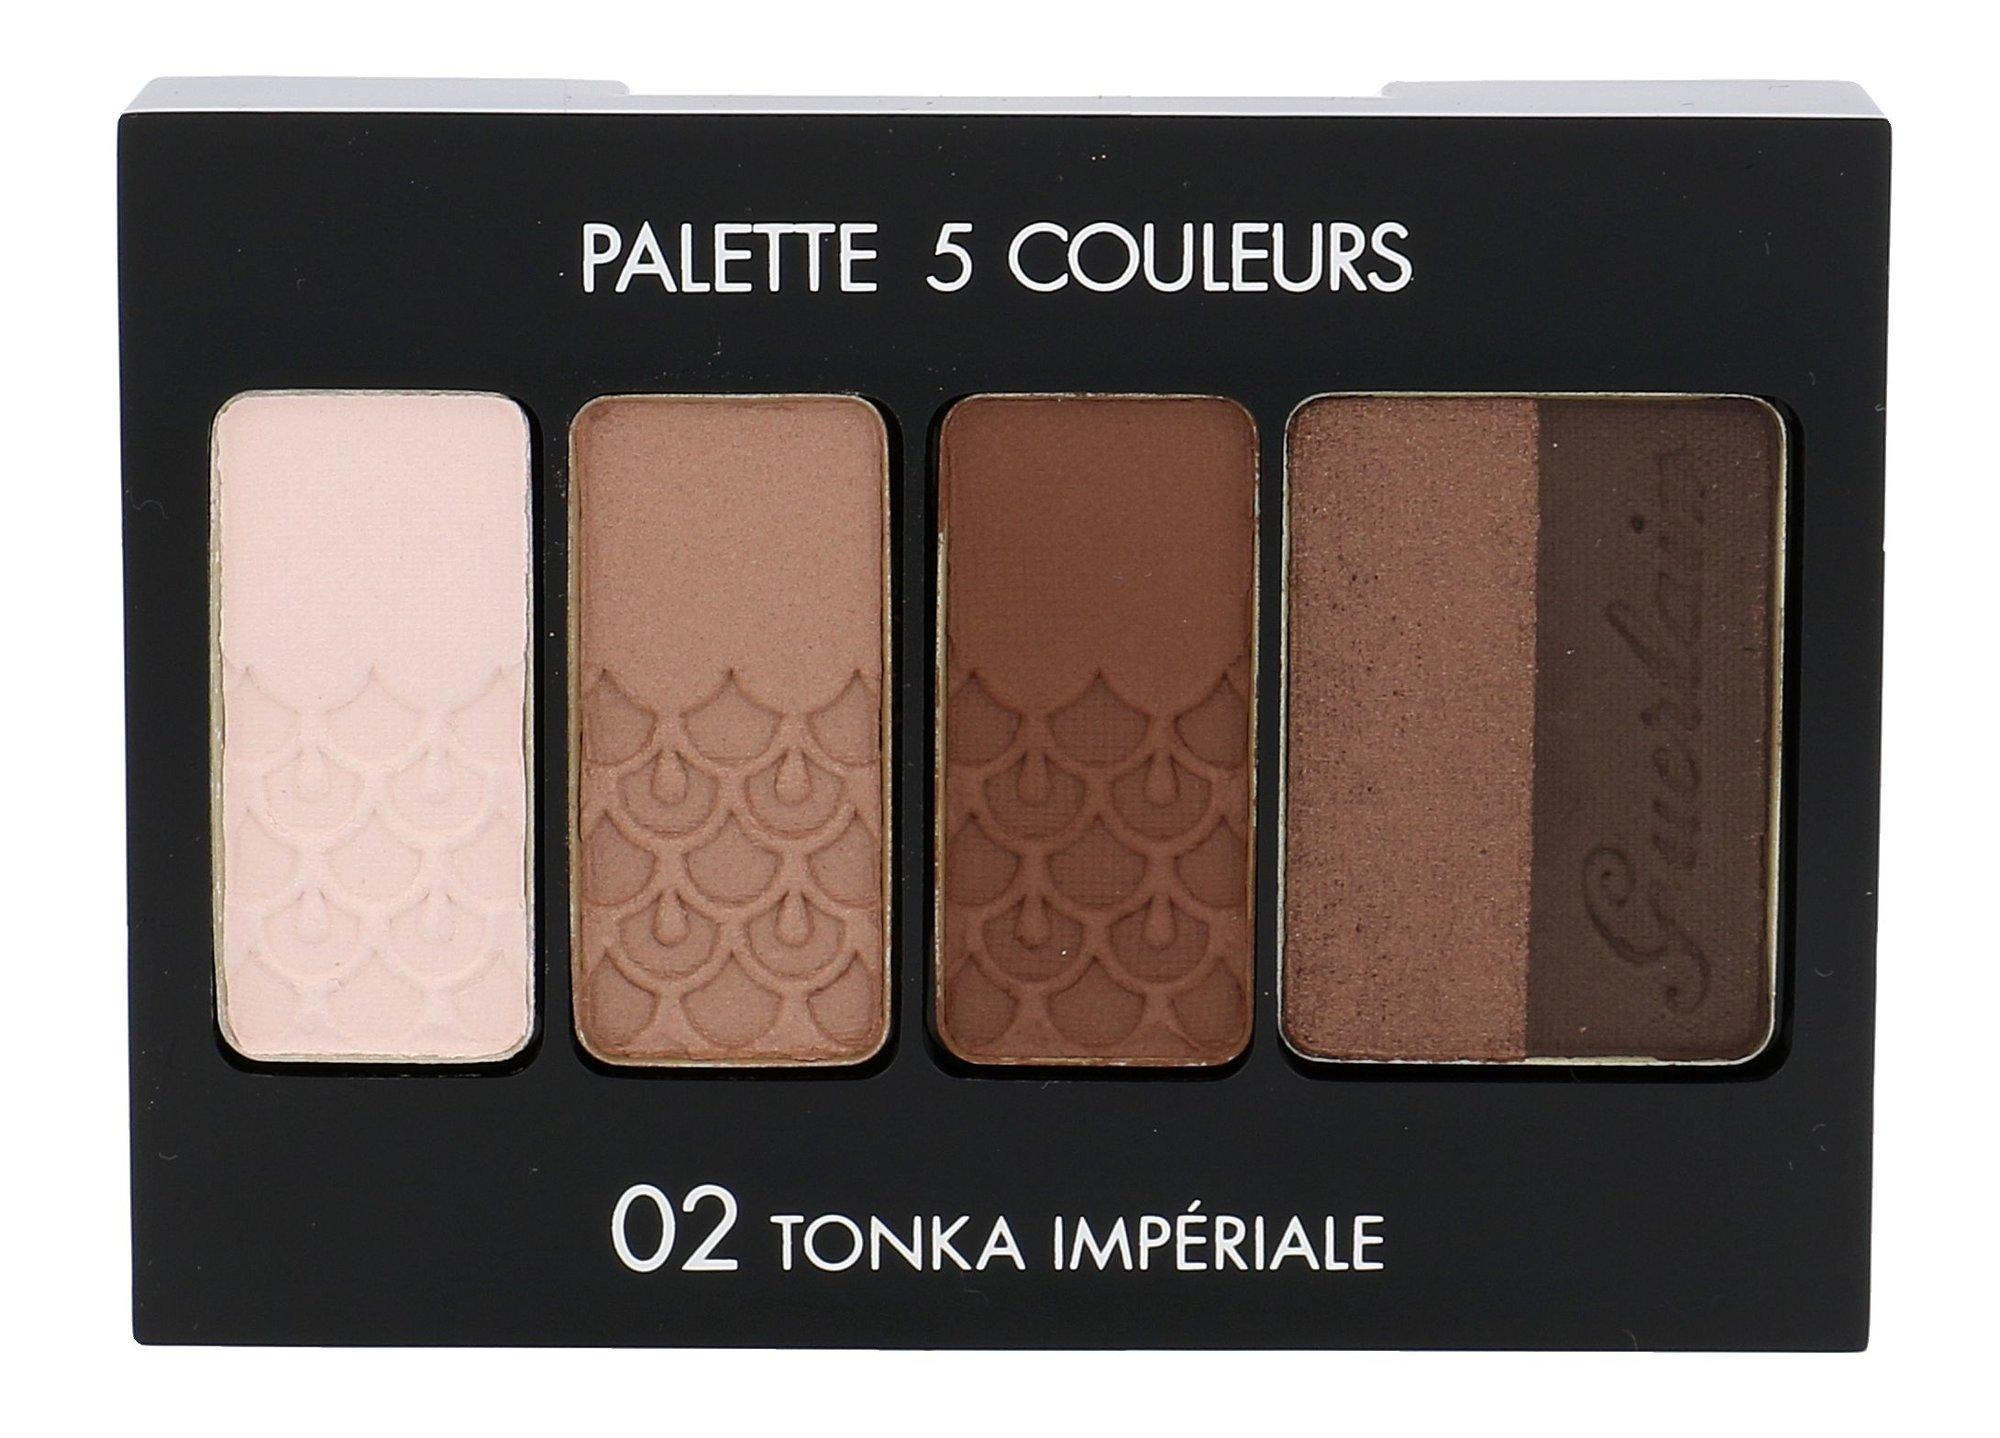 Guerlain Palette 5 Couleurs Cosmetic 6ml 02 Tonka Impériale